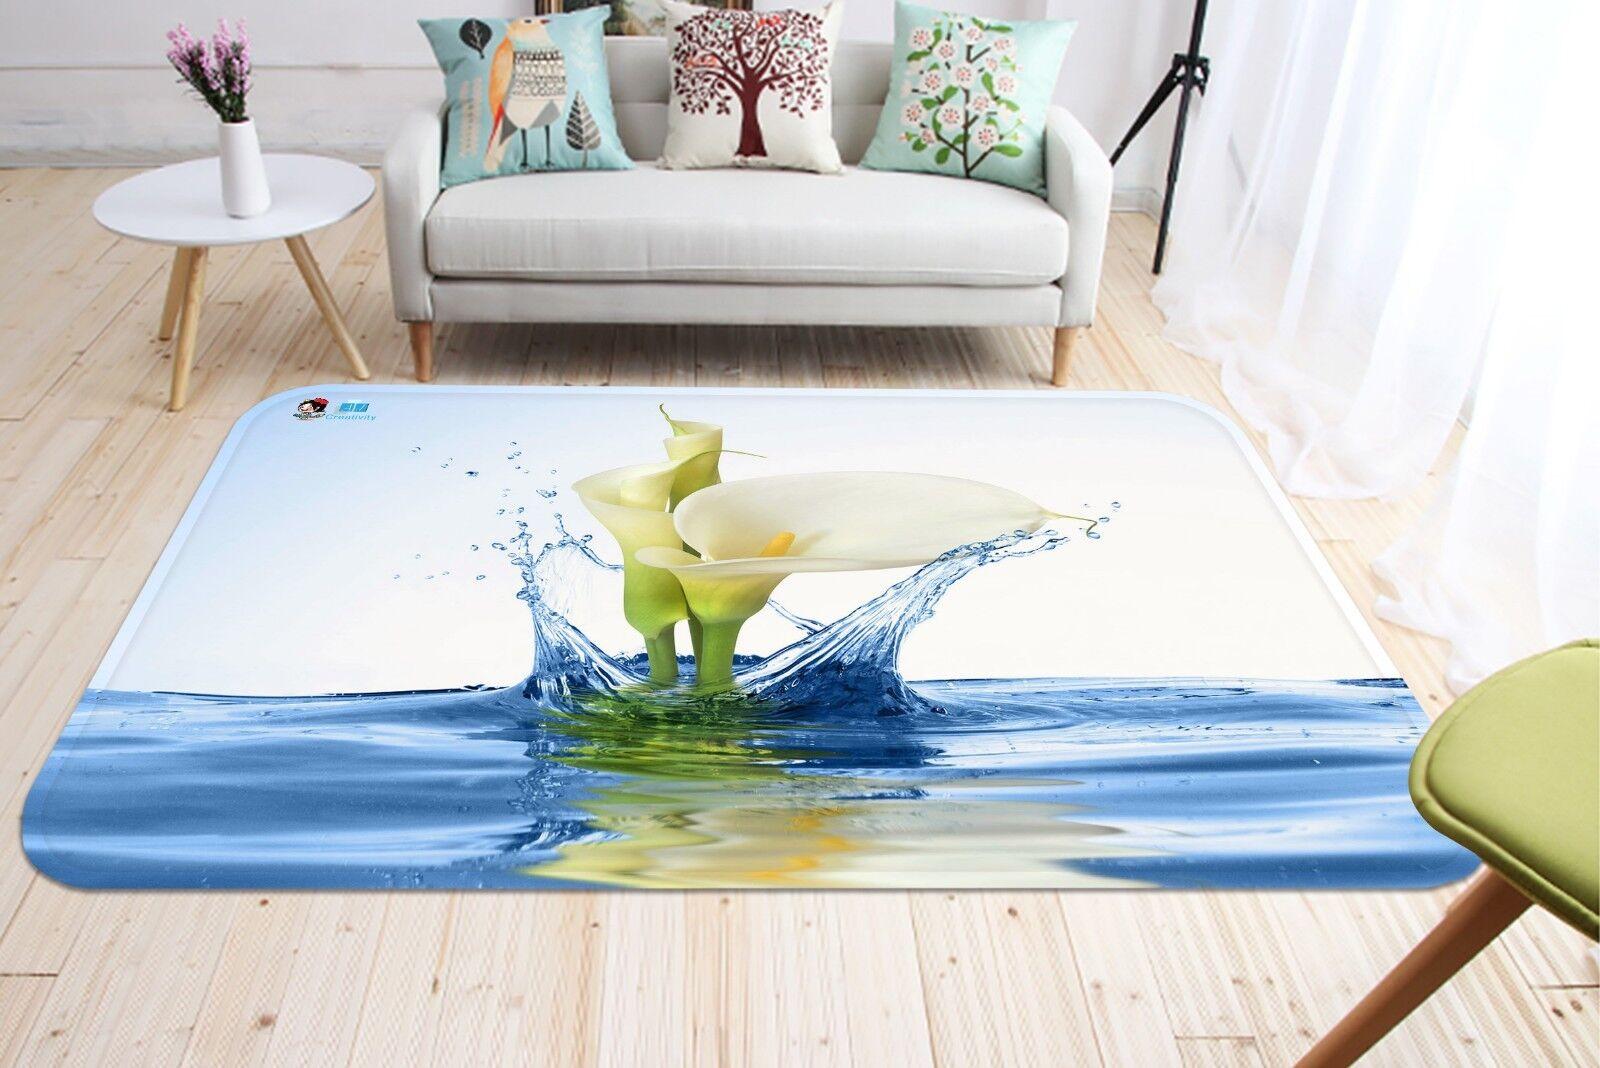 3D Callalilie Blaumen 045 Non-Slip Non-Slip Non-Slip Carpet Mat Quality Elegant Carpet DE Summer 94cb44